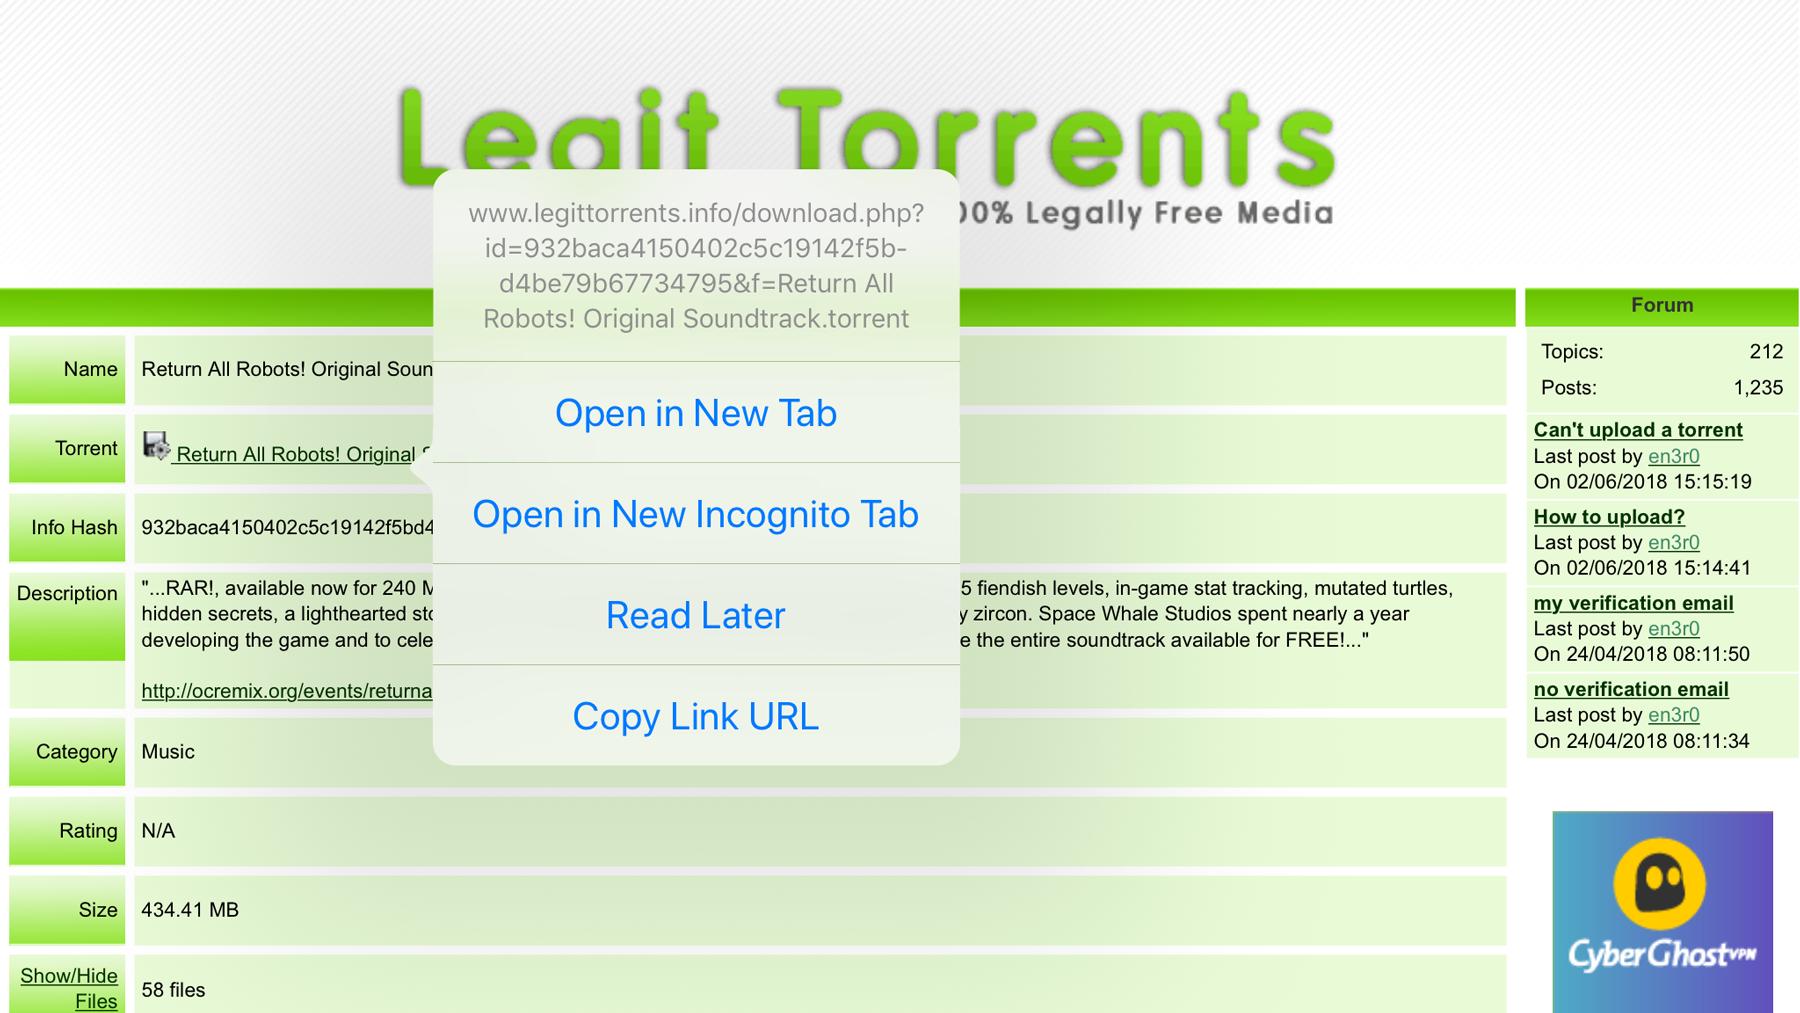 Cómo descargar torrents en iPad sin jailbreak: abrir en una nueva pestaña